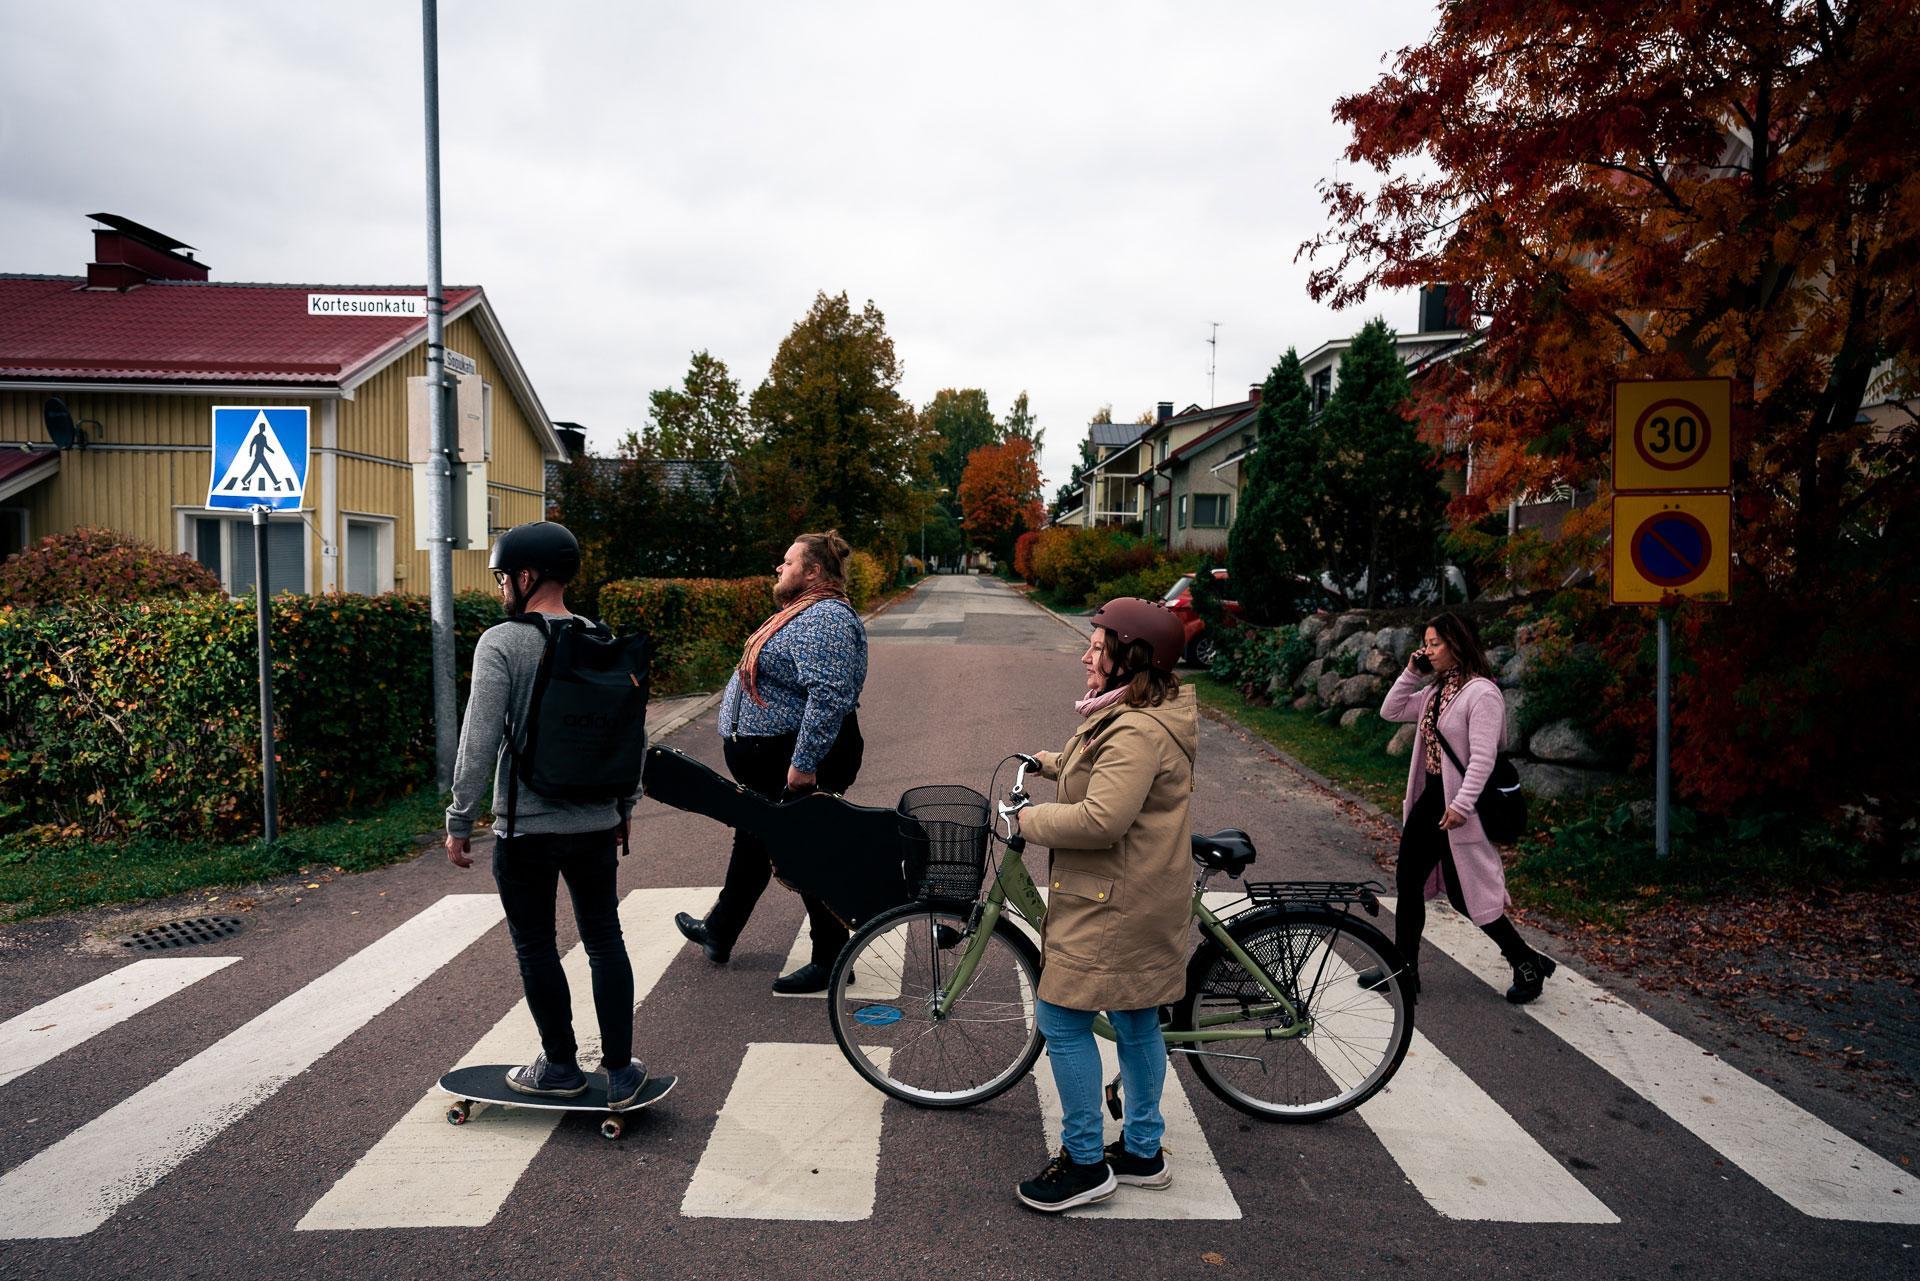 Rullalautailija, pyöräilijä ja kaksi kävelijää ylittävät suojatietä.